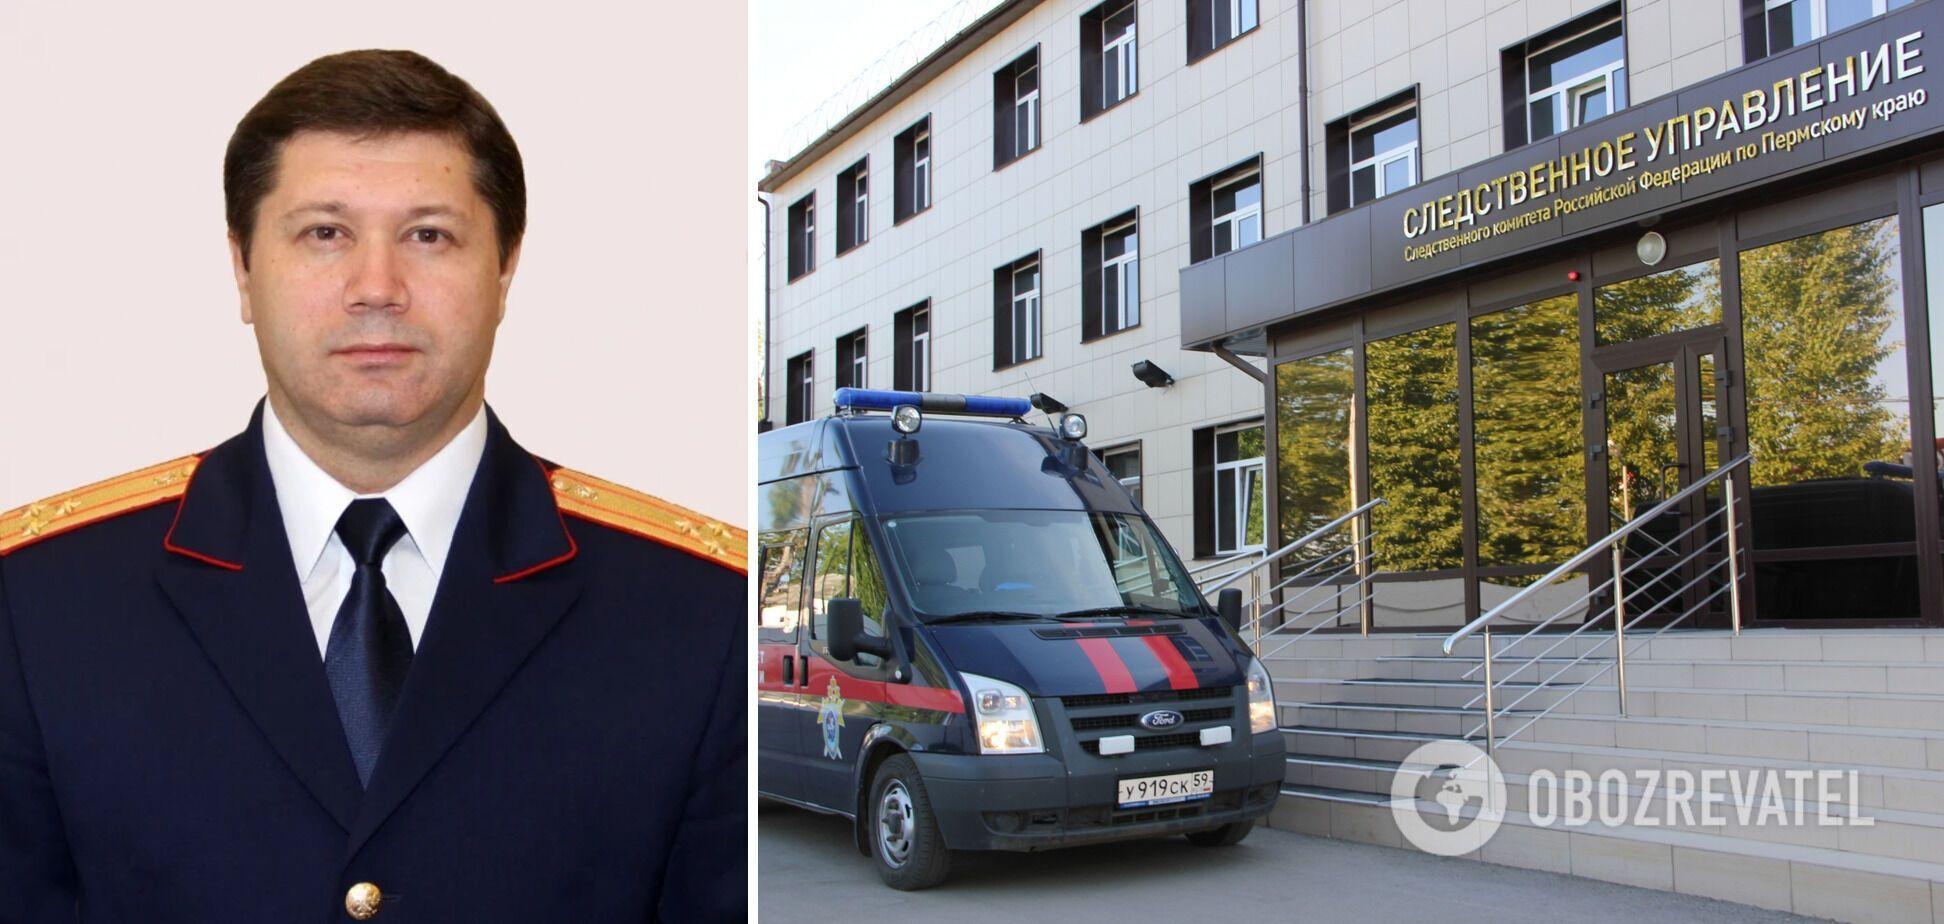 Сарапульцев возглавлял следственное управление СКР по Пермскому краю